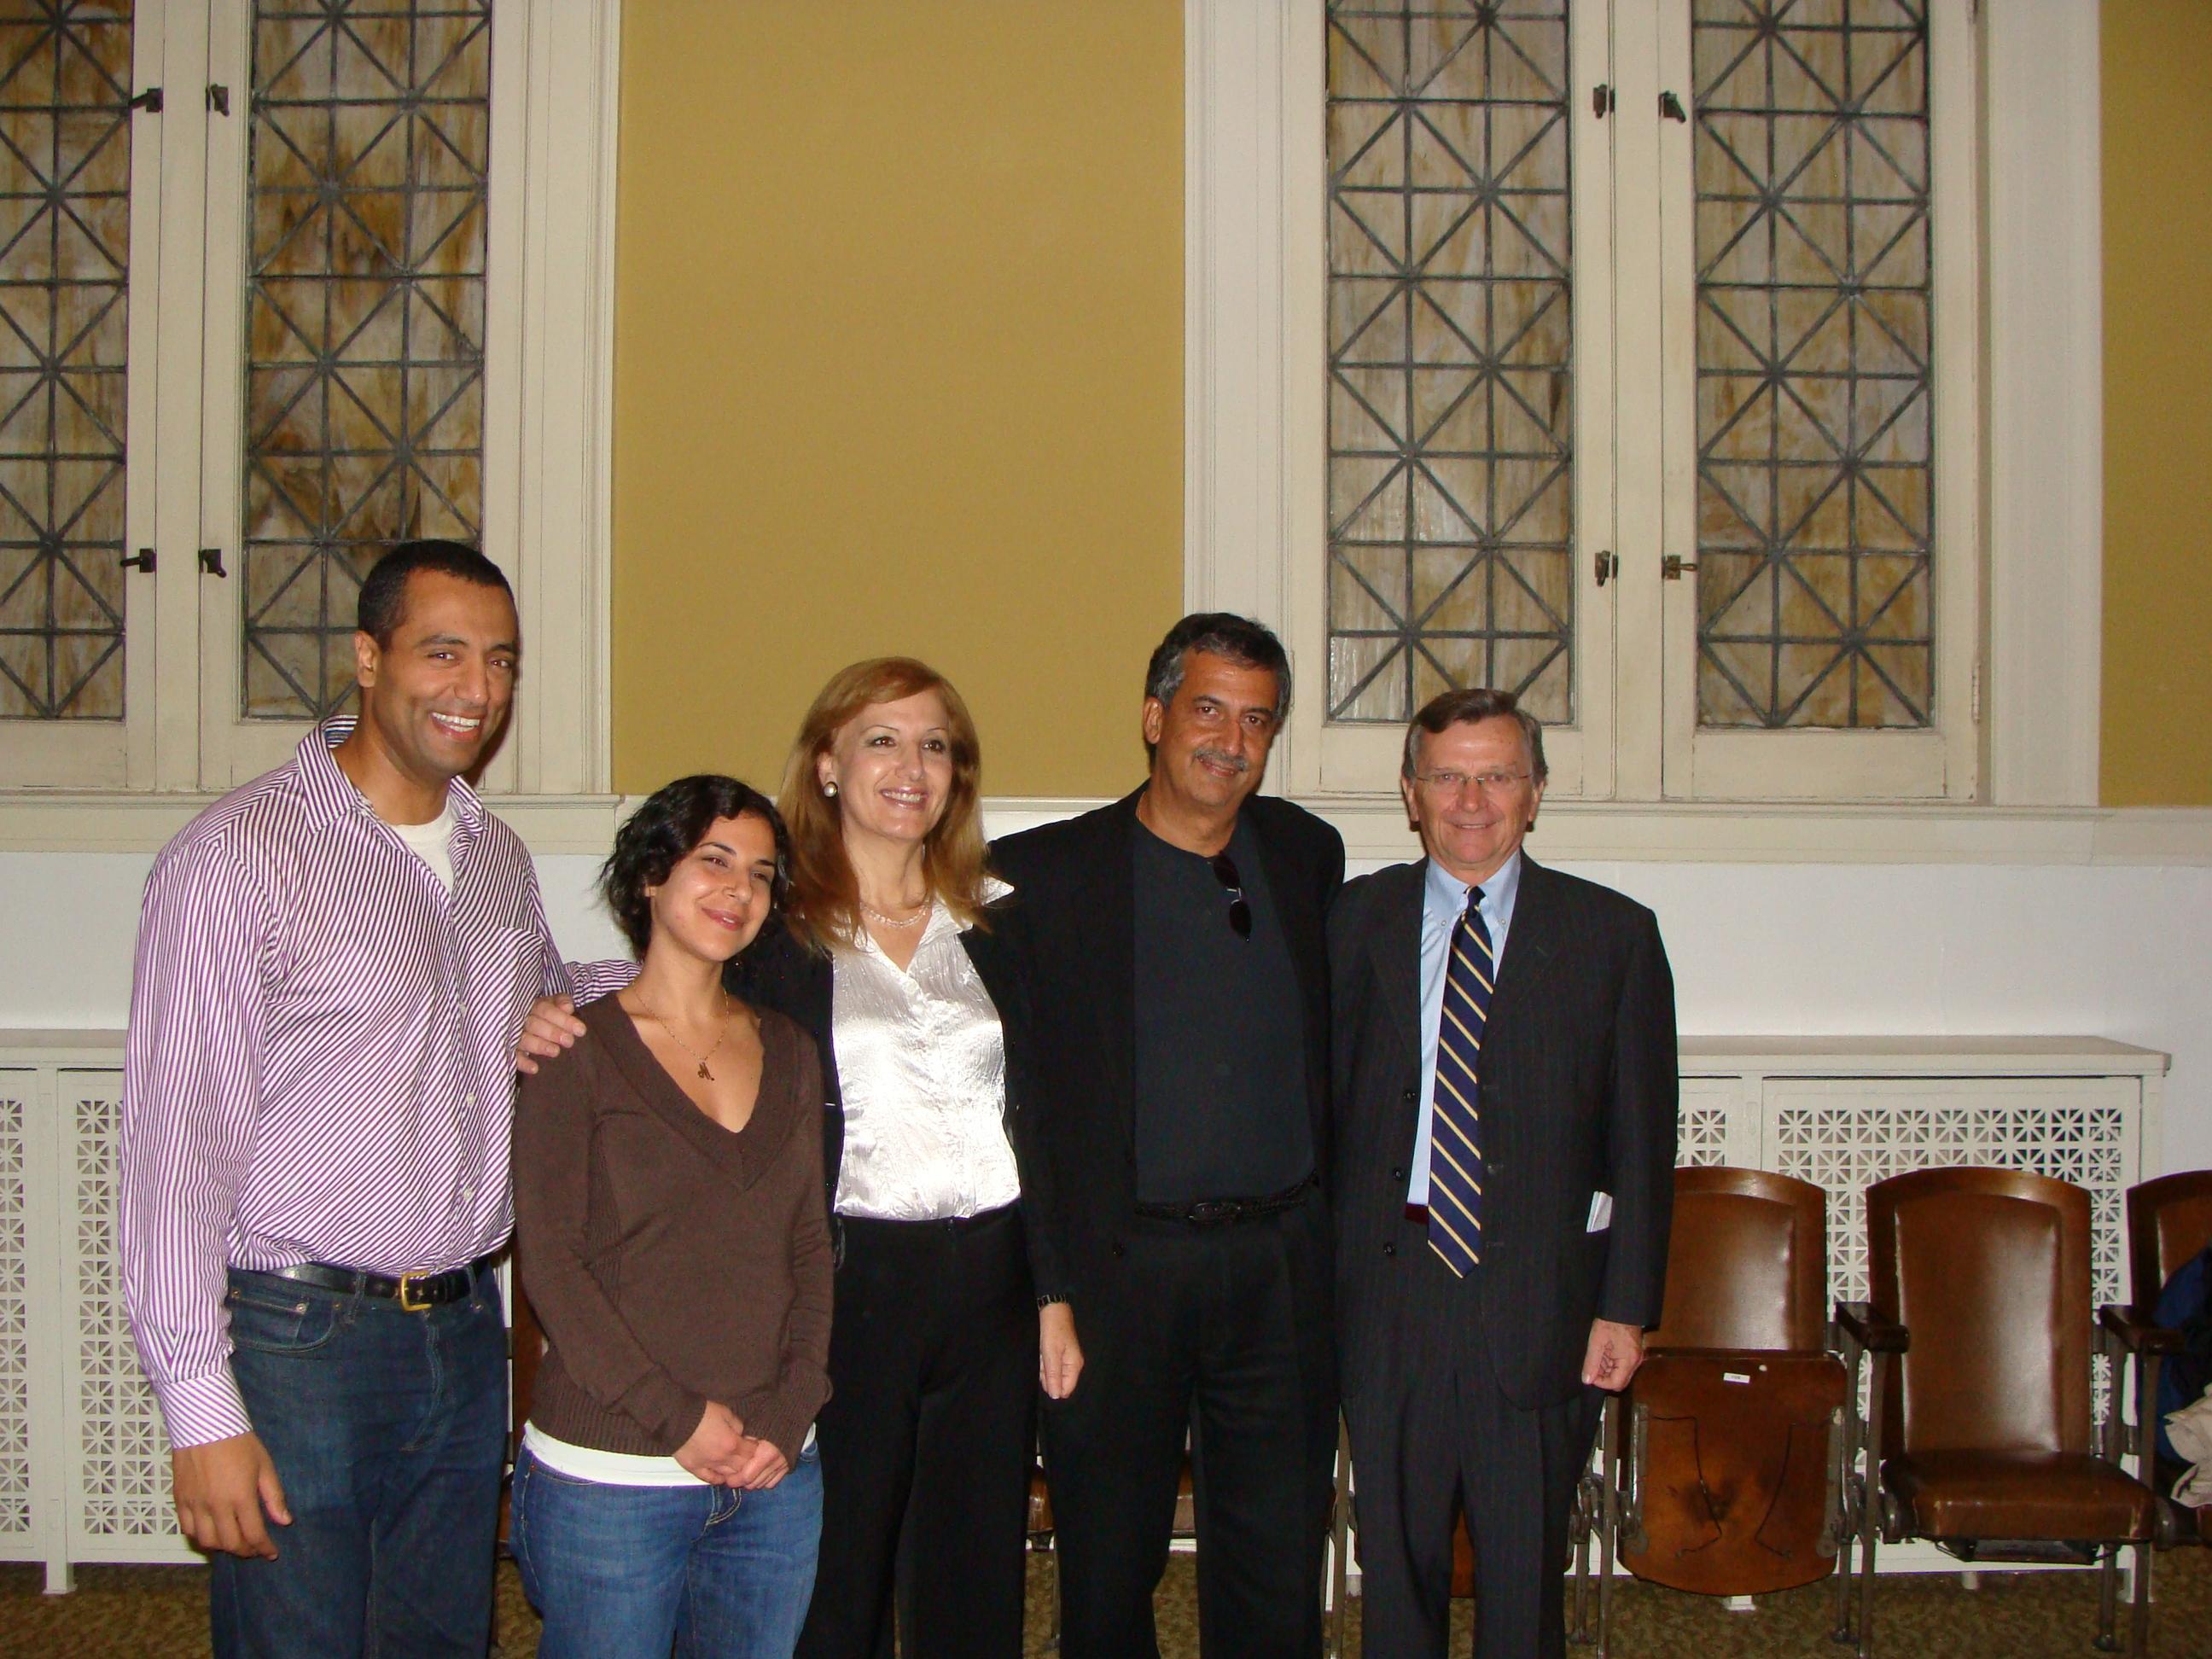 Nasry Malak, Maria Shehata, Nadia Hilou, Ray Hanania and Greg Drinan October 2008